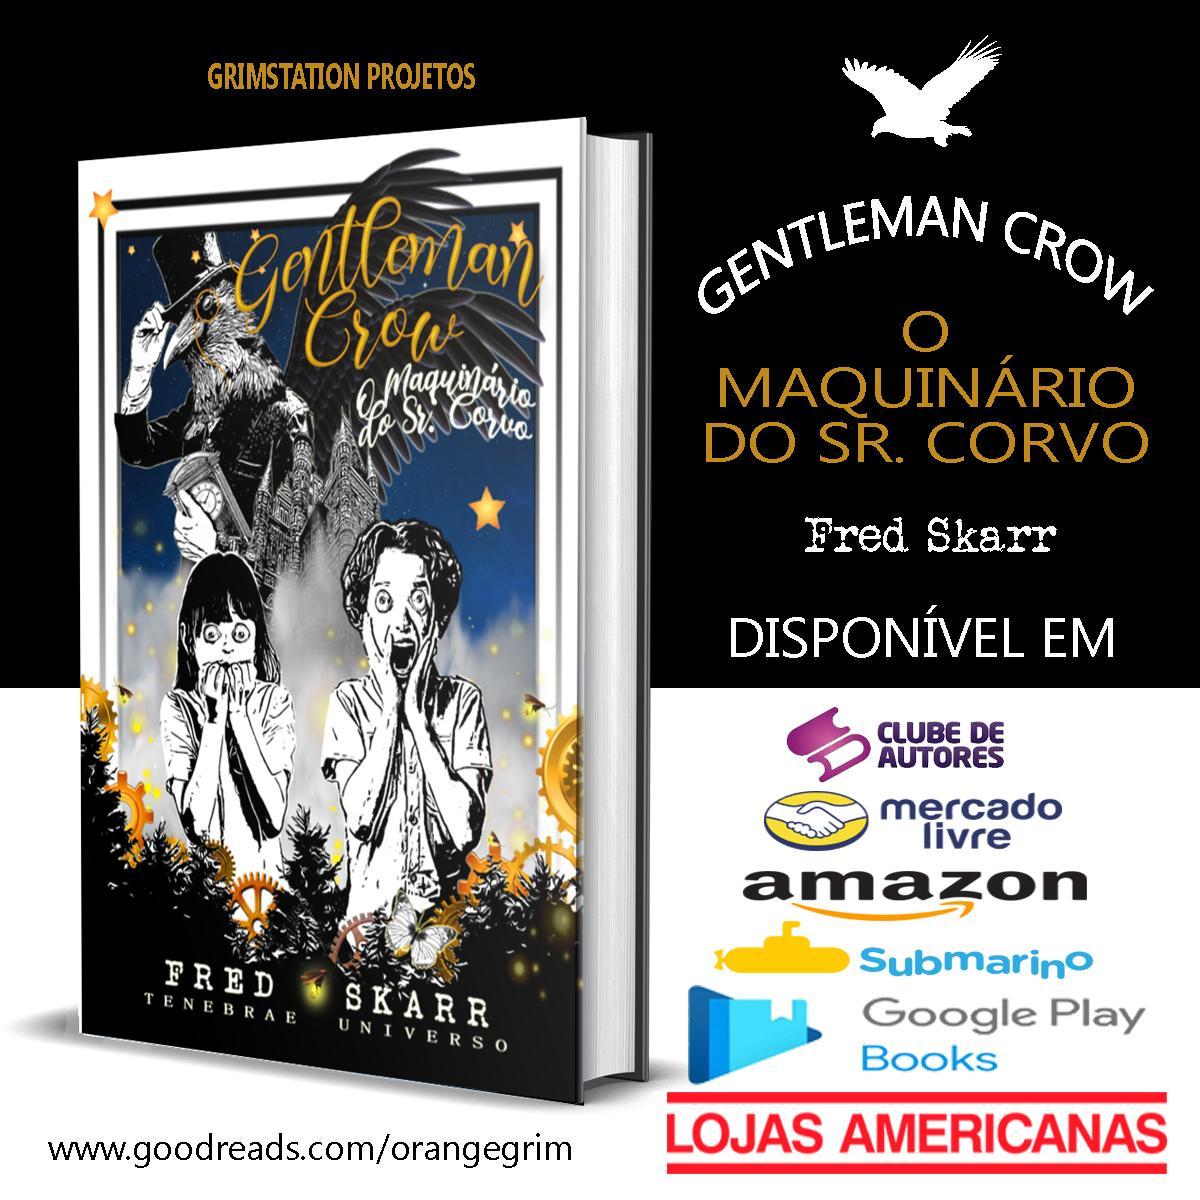 Gentleman Crow : O maquinário do Sr. Corvo - Fred Skarr